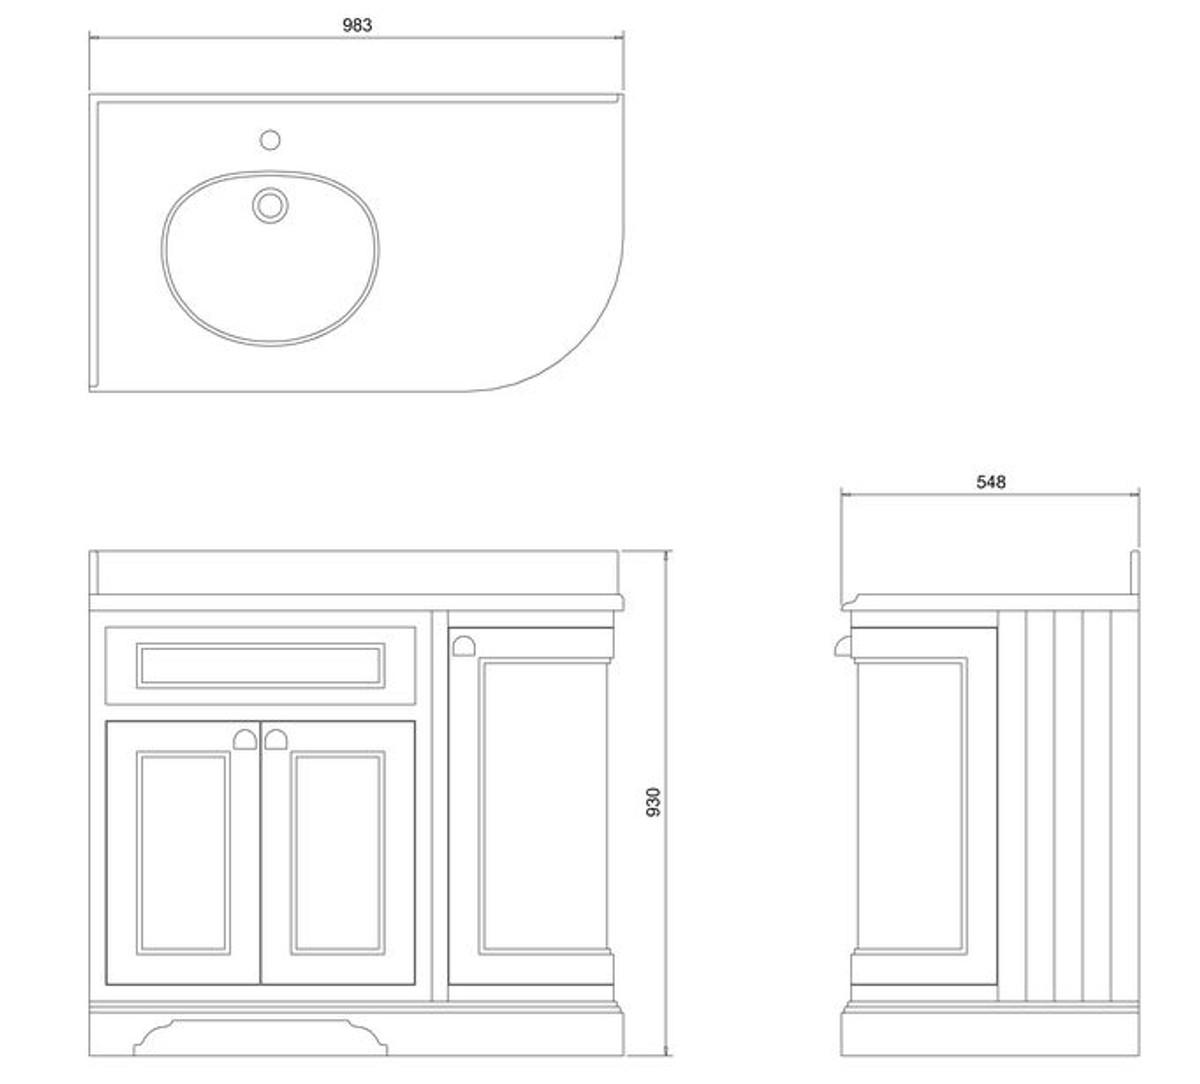 Casa Padrino Waschschrank / Waschtisch mit Marmorplatte und 3 Türen - Antik Stil Möbel 4